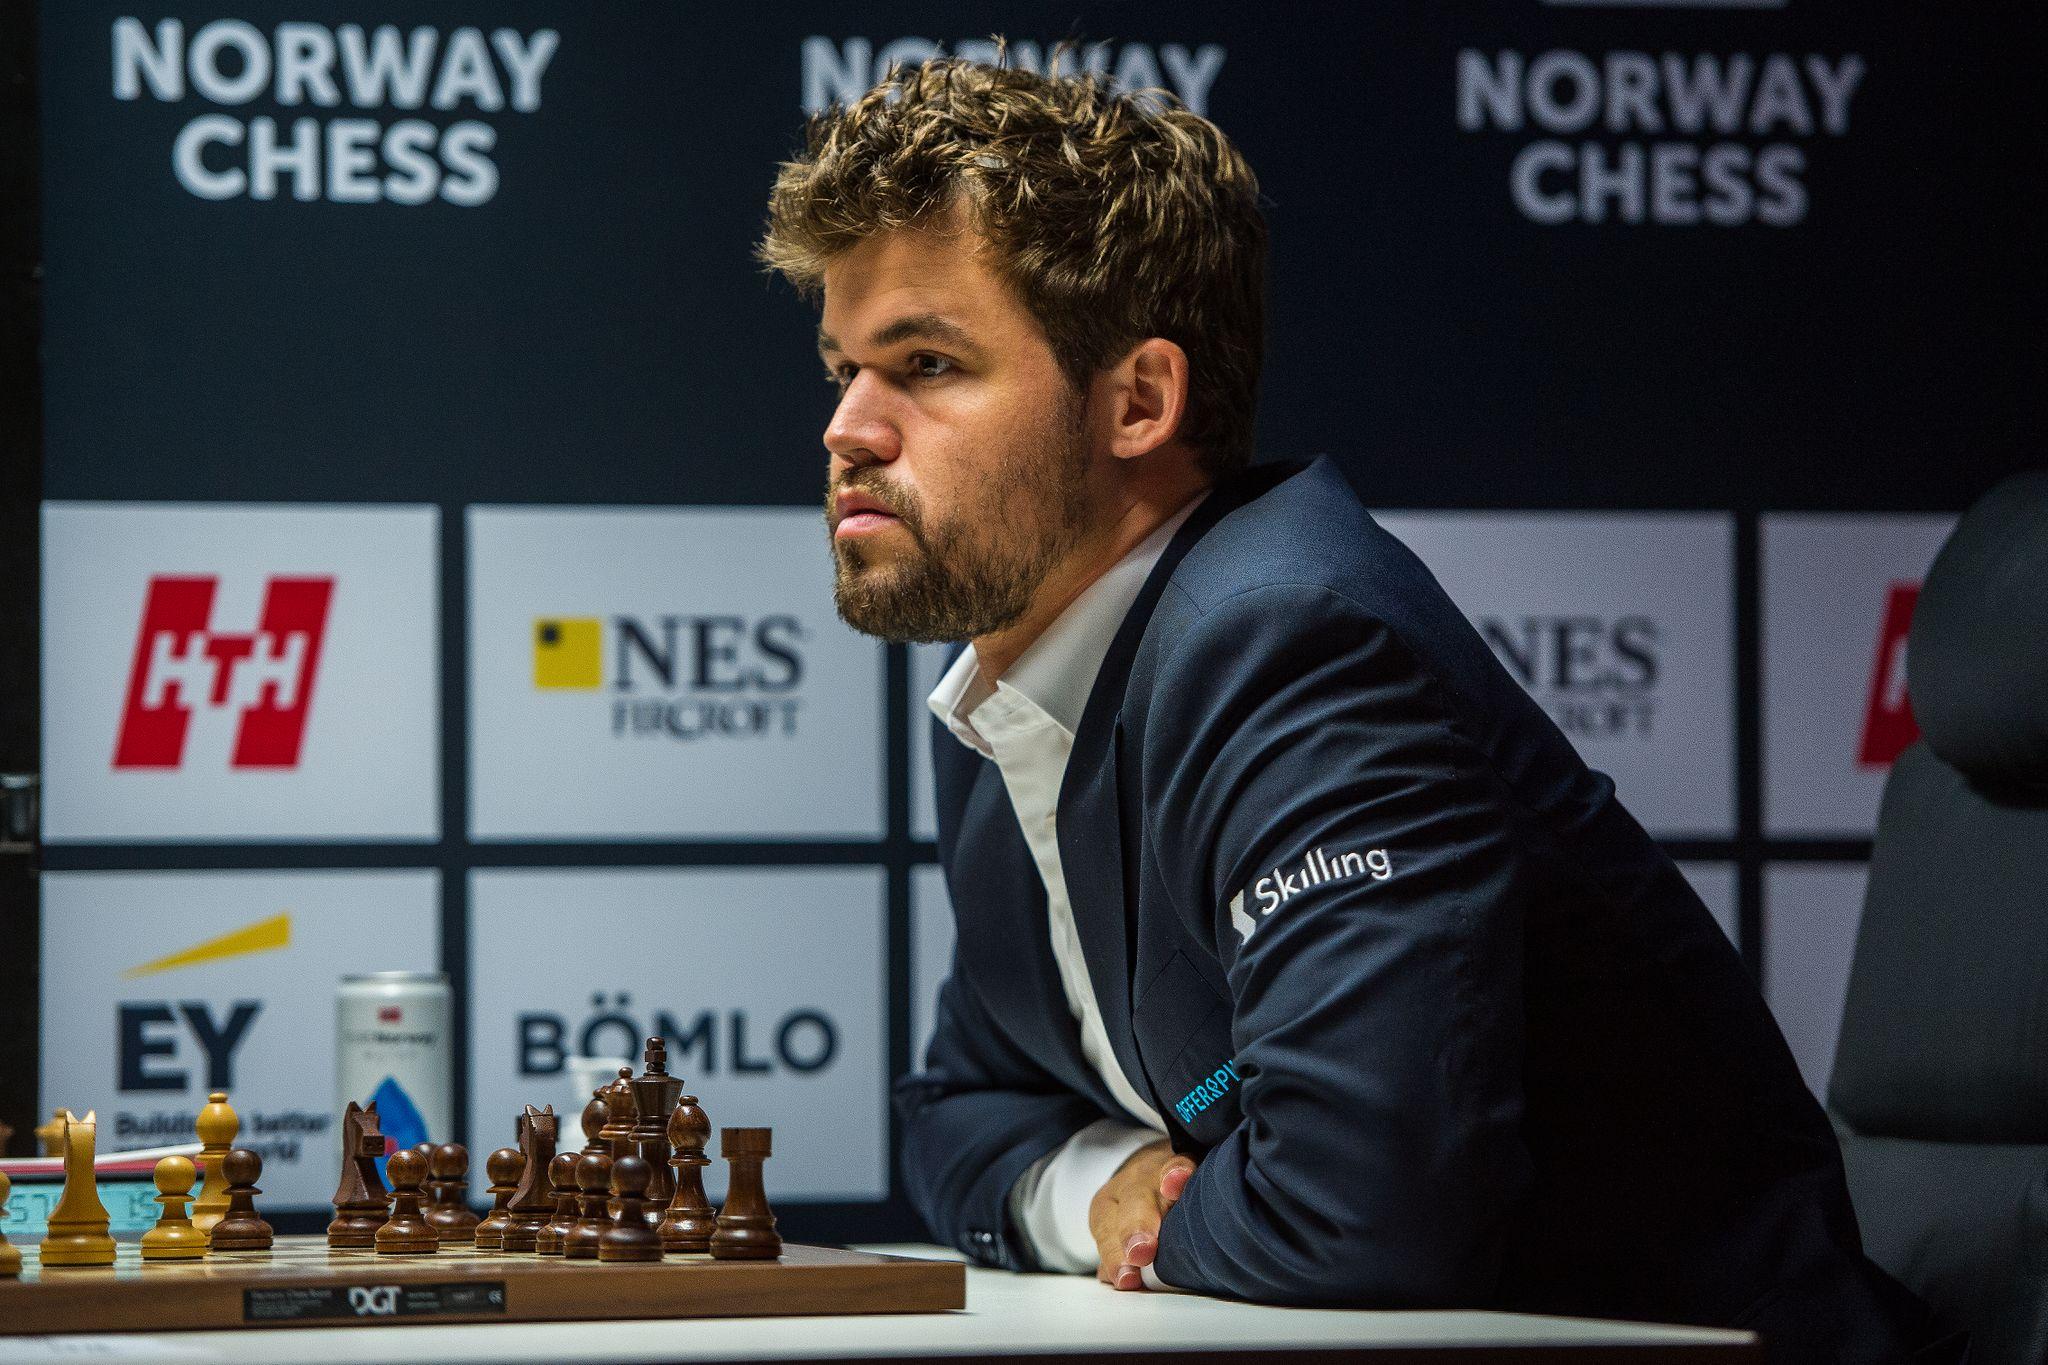 Peluang Catur Norwegia Magnus Carlsen